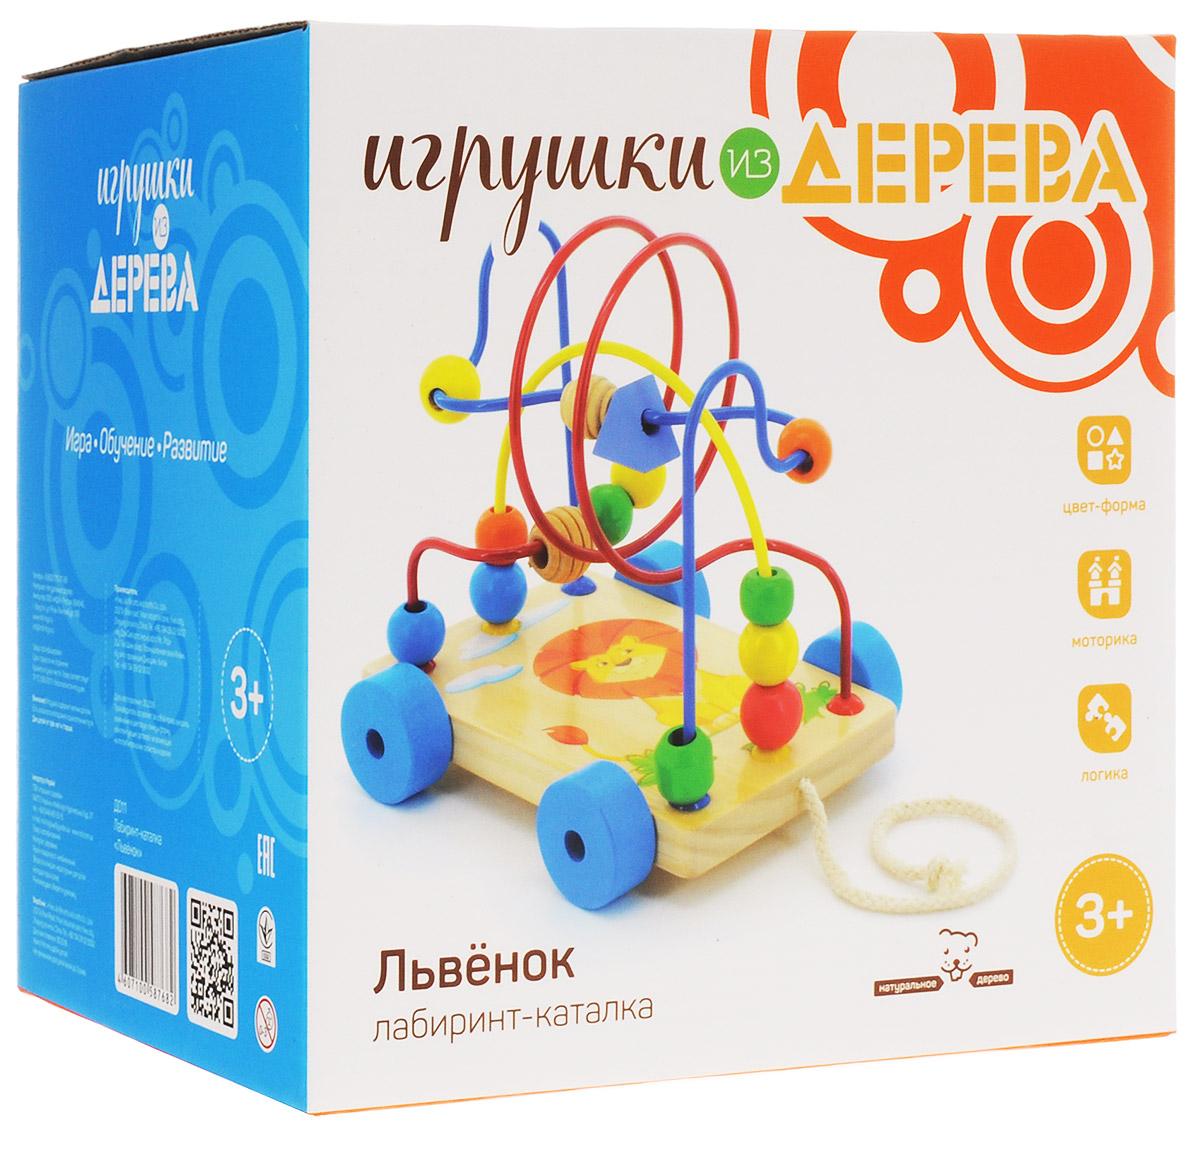 Мир деревянных игрушек Развивающий лабиринт-каталка Львенок